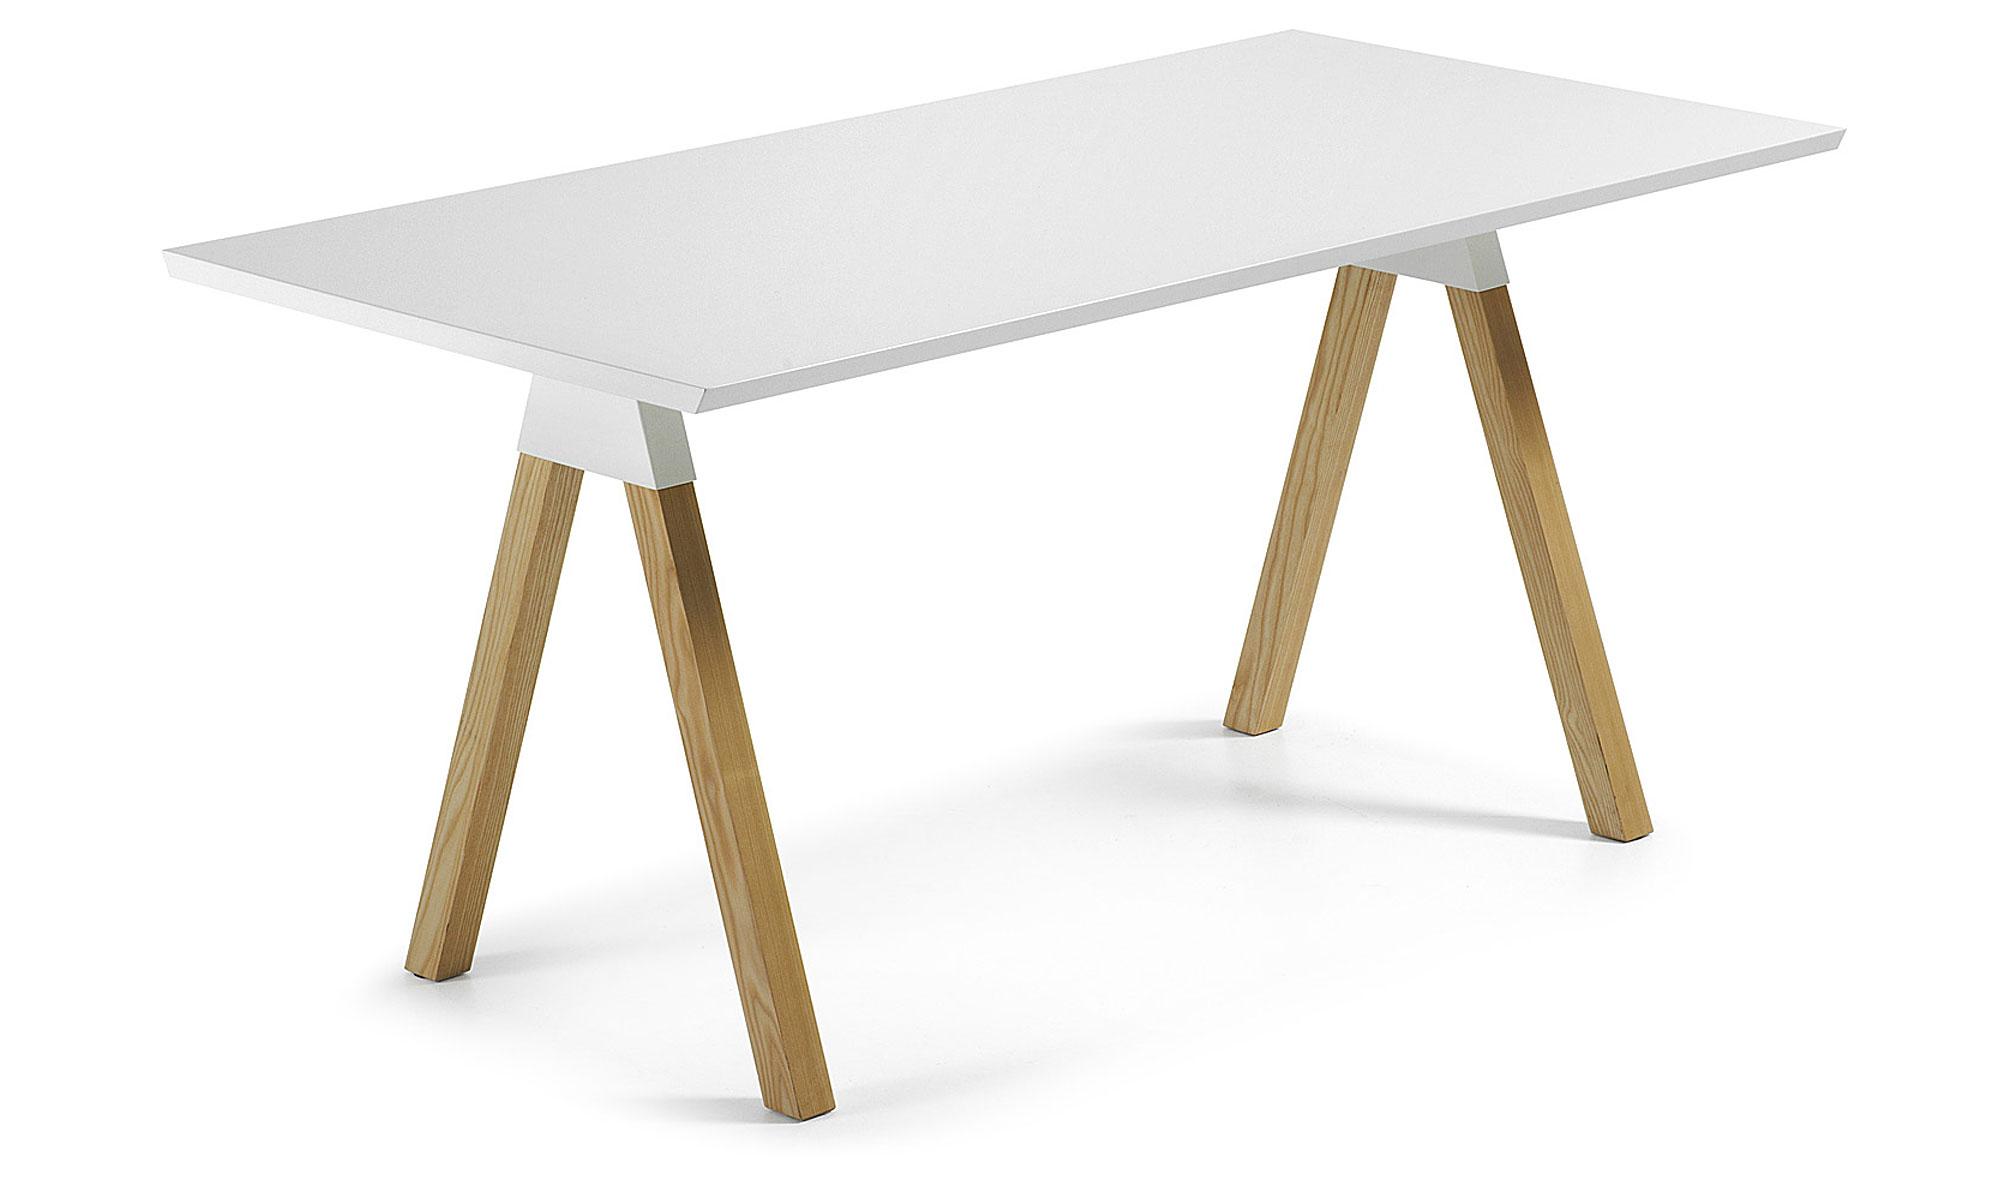 Mesa lacado blanco puro en for Muebles comedor blanco lacado